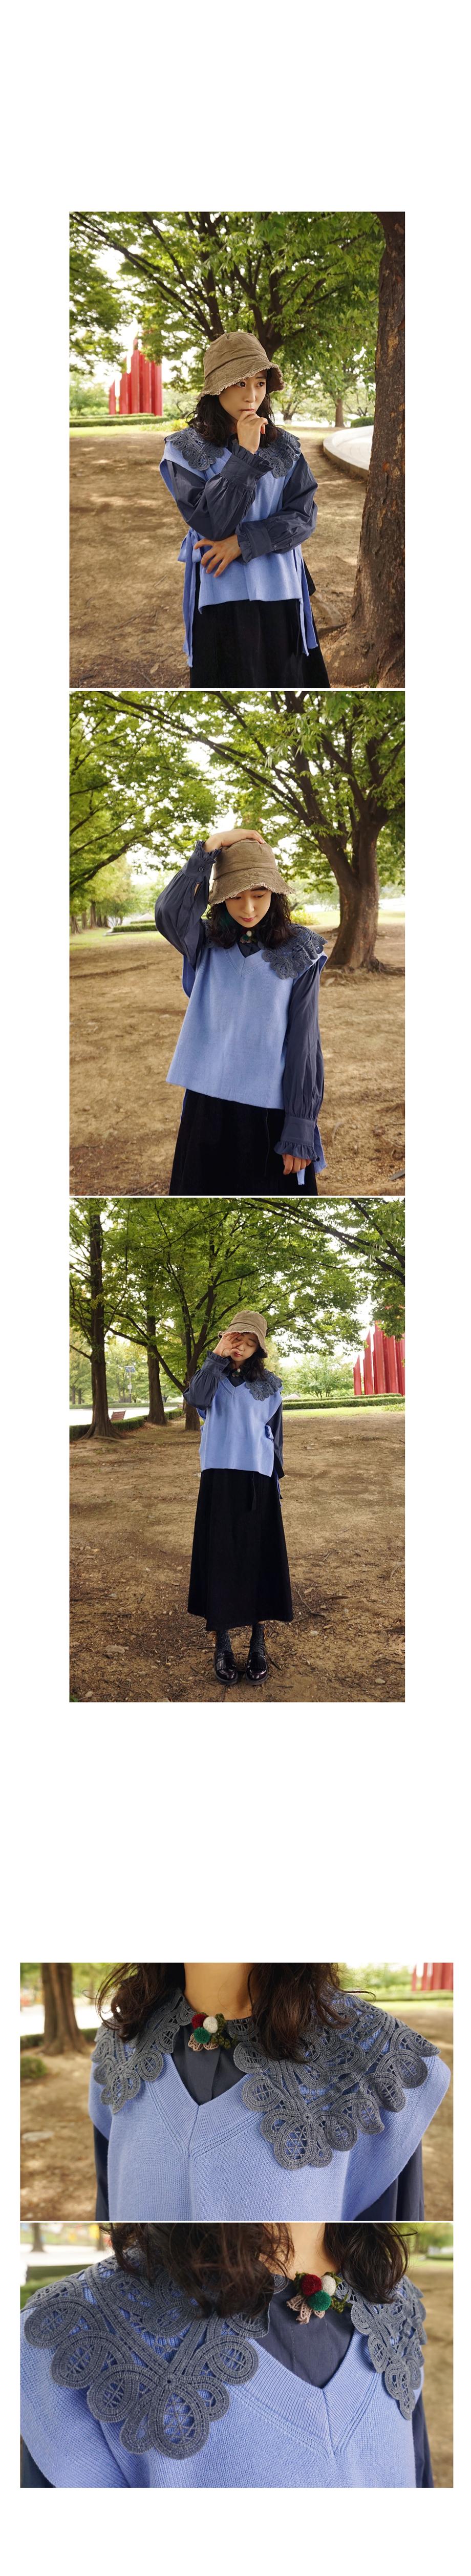 로맨틱 플라워자수 빅카라 블라우스 - 앞머리, 36,500원, 상의, 블라우스/셔츠